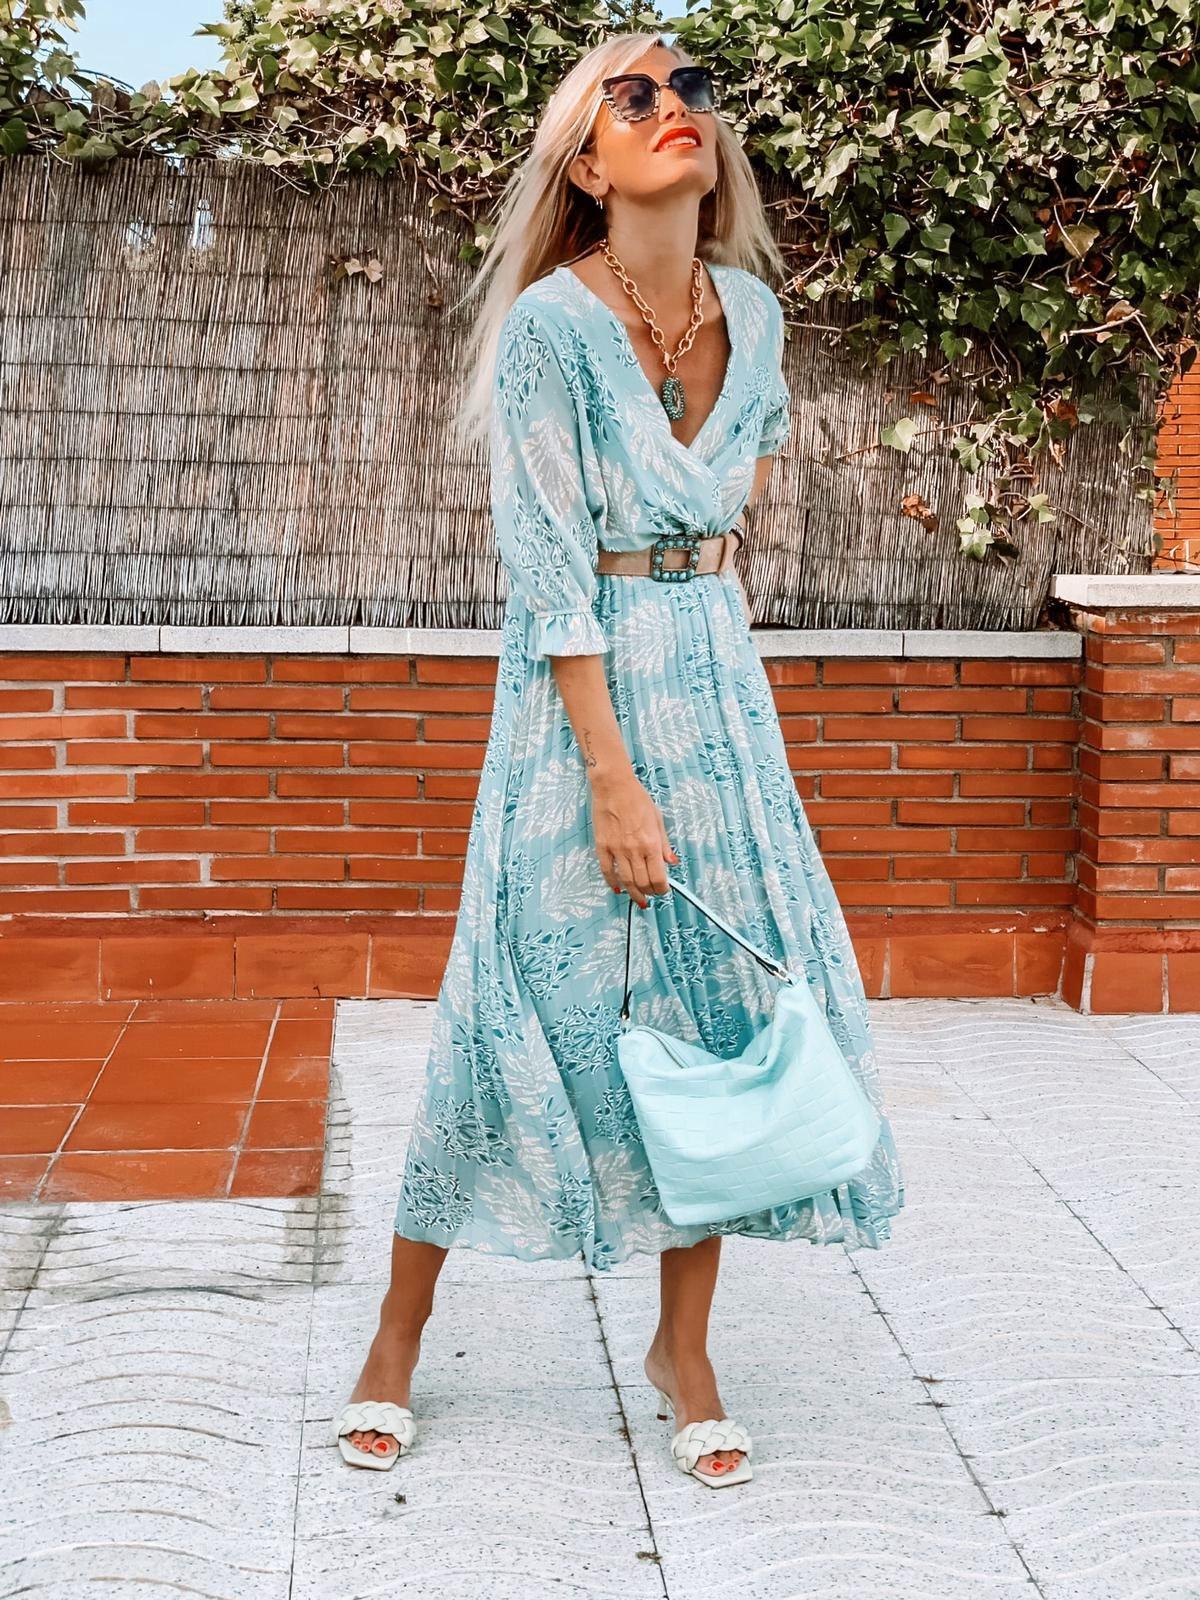 Vestido Plisado June (Ref.3306)